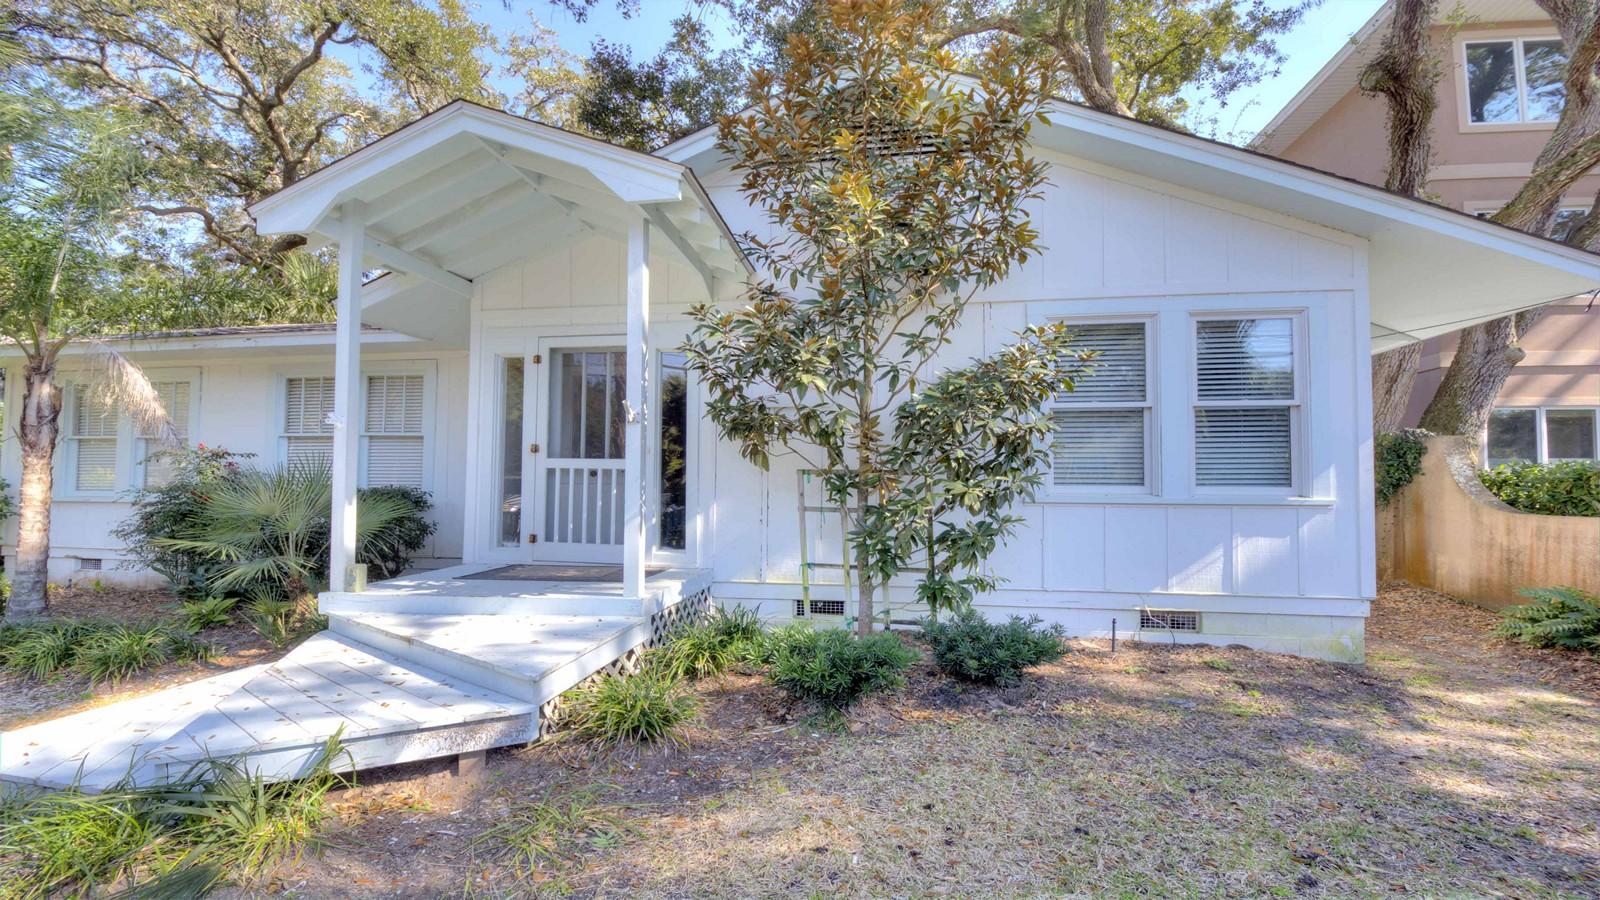 Einfamilienhaus für Verkauf beim 1706 Bruce Drive St. Simons Island, Georgia, 31522 Vereinigte Staaten